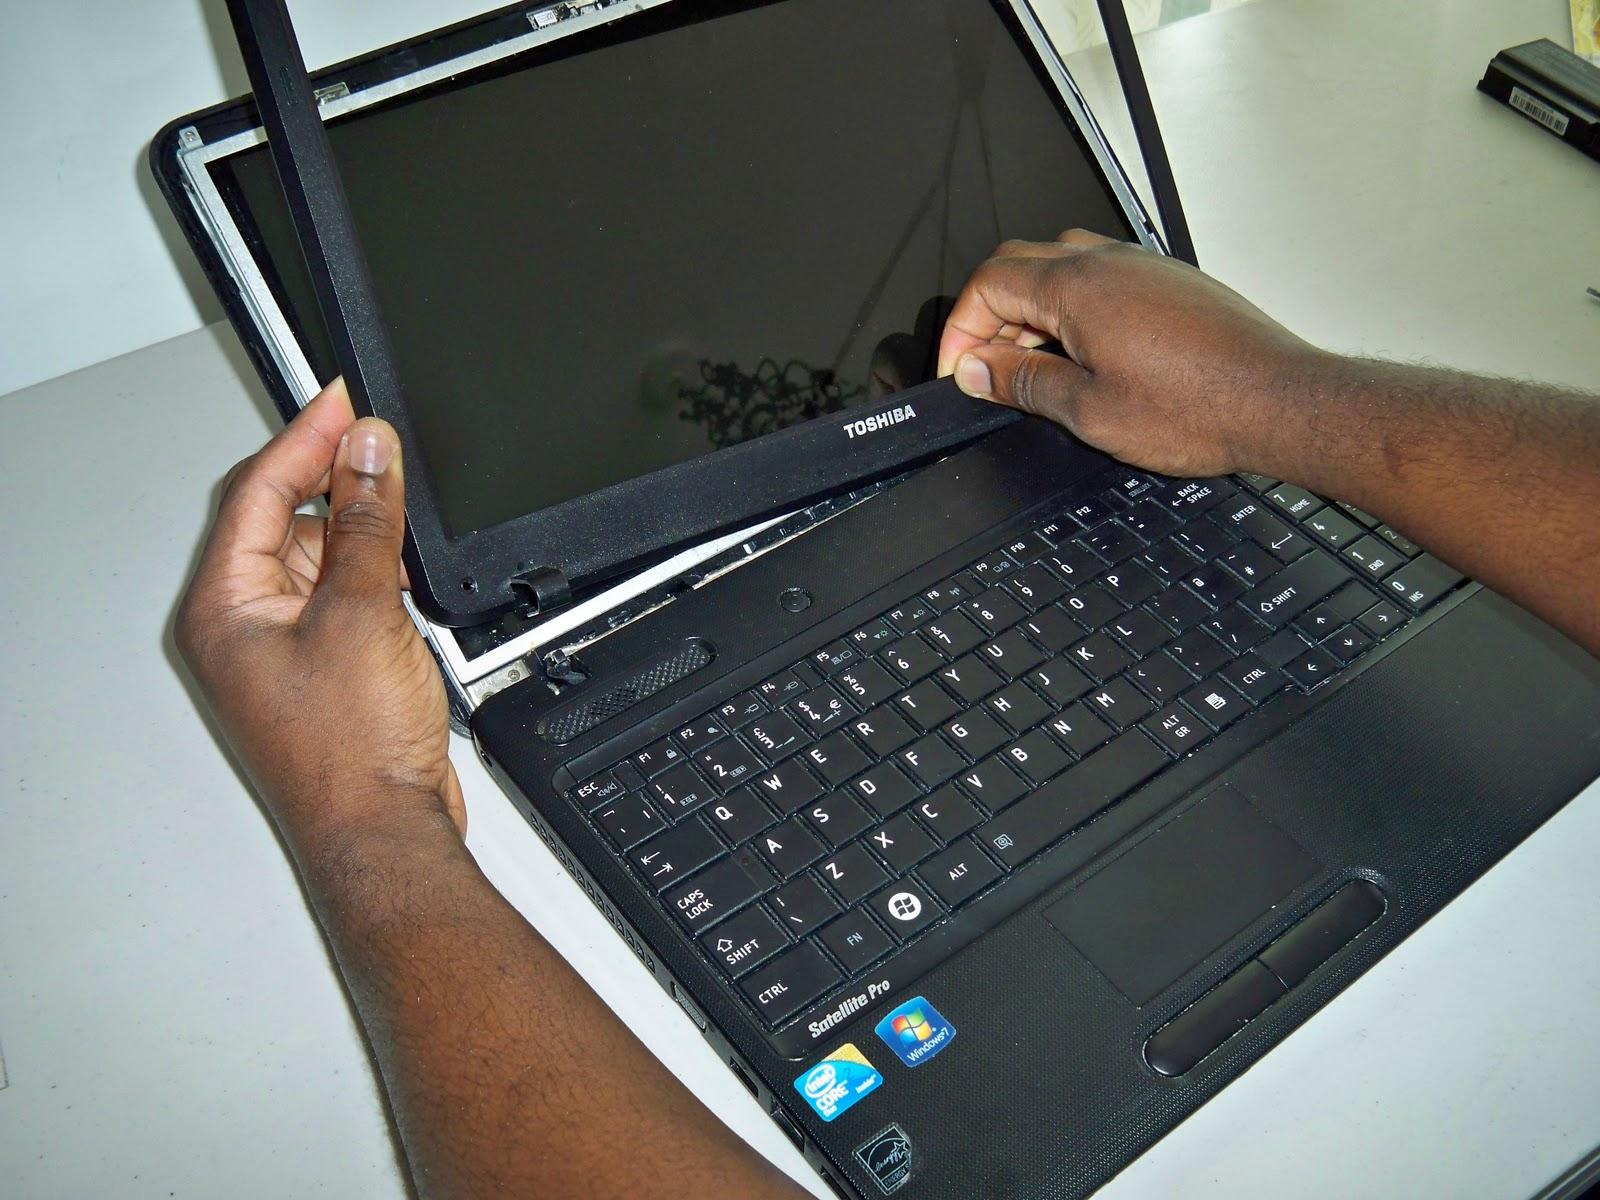 Как включить встроенную веб камеру на ноутбуке acer